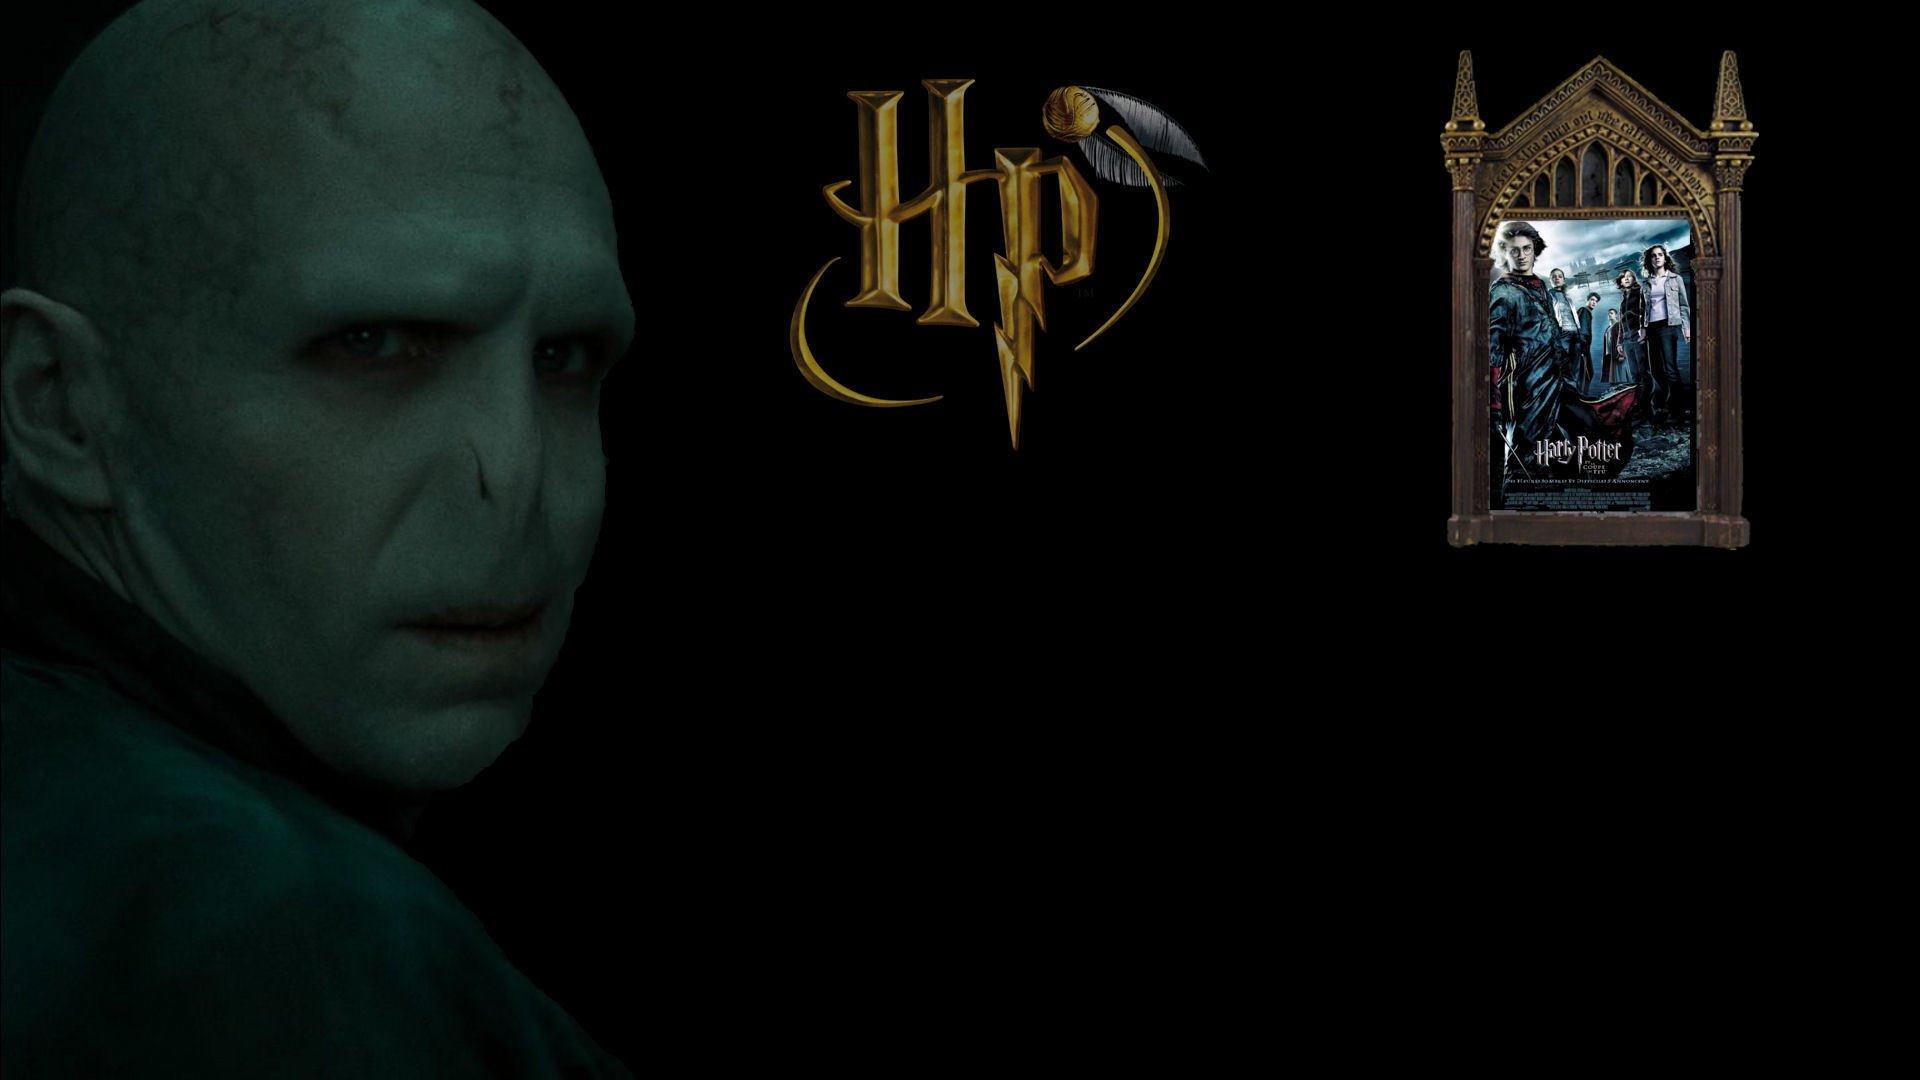 Harry potter et la coupe de feu 2005 film cin s ries - Harry potter et la coupe de feu streaming vostfr ...